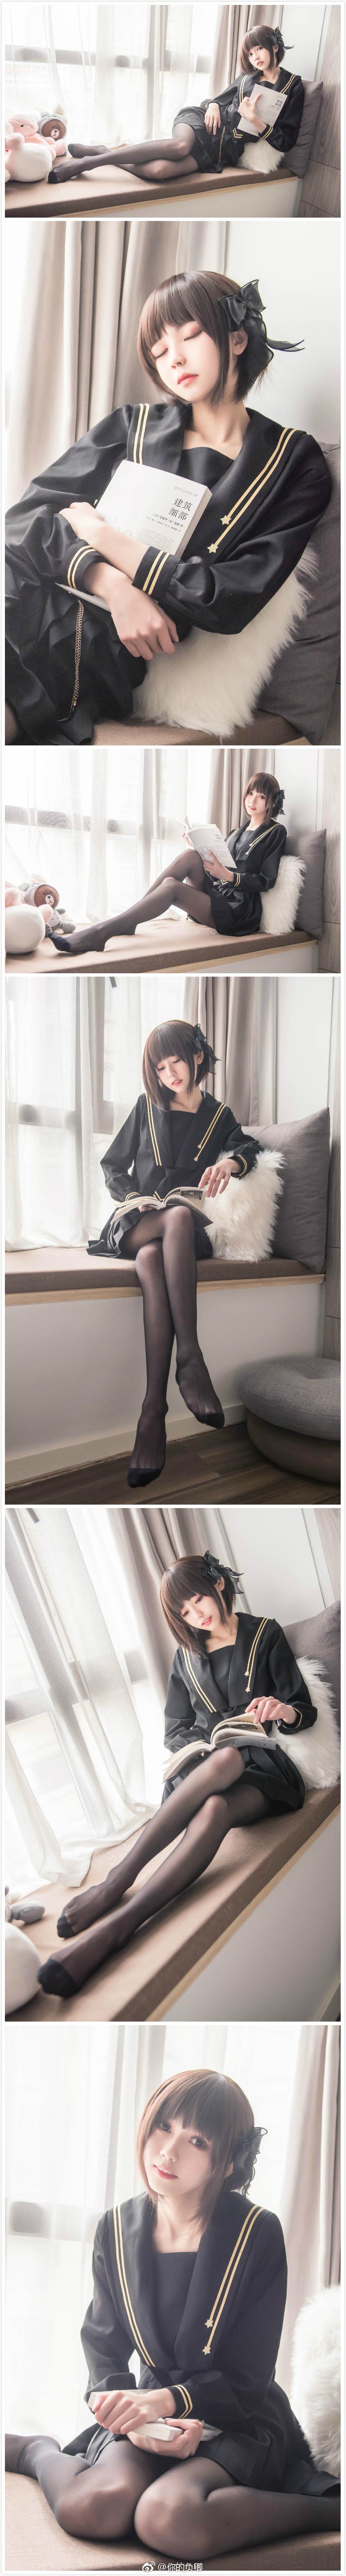 发现一个穿黑丝JK制服的小仙女